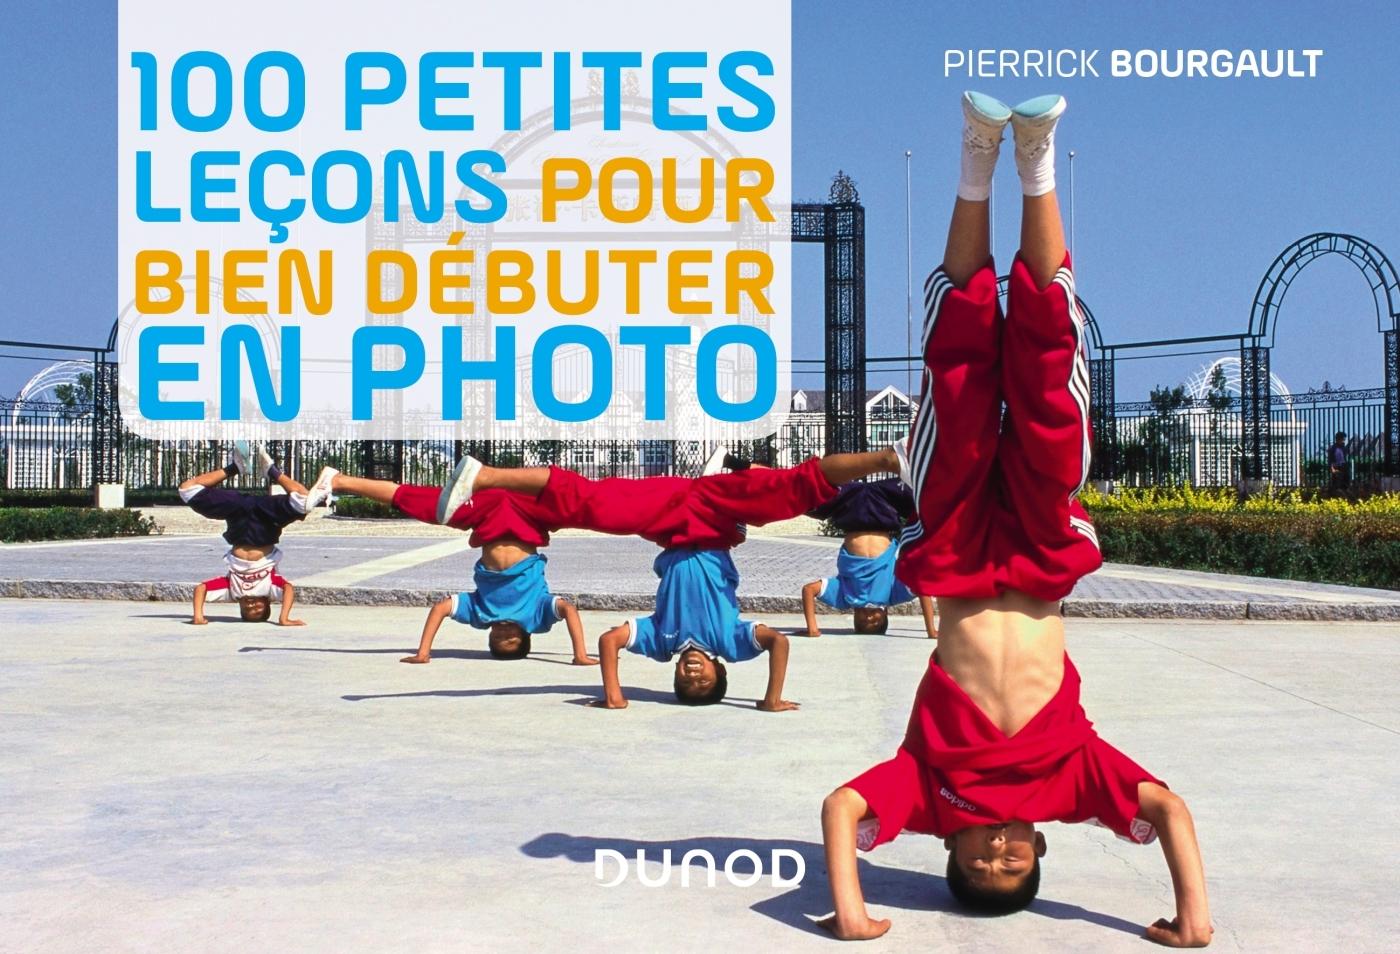 100 PETITES LECONS POUR BIEN DEBUTER EN PHOTO